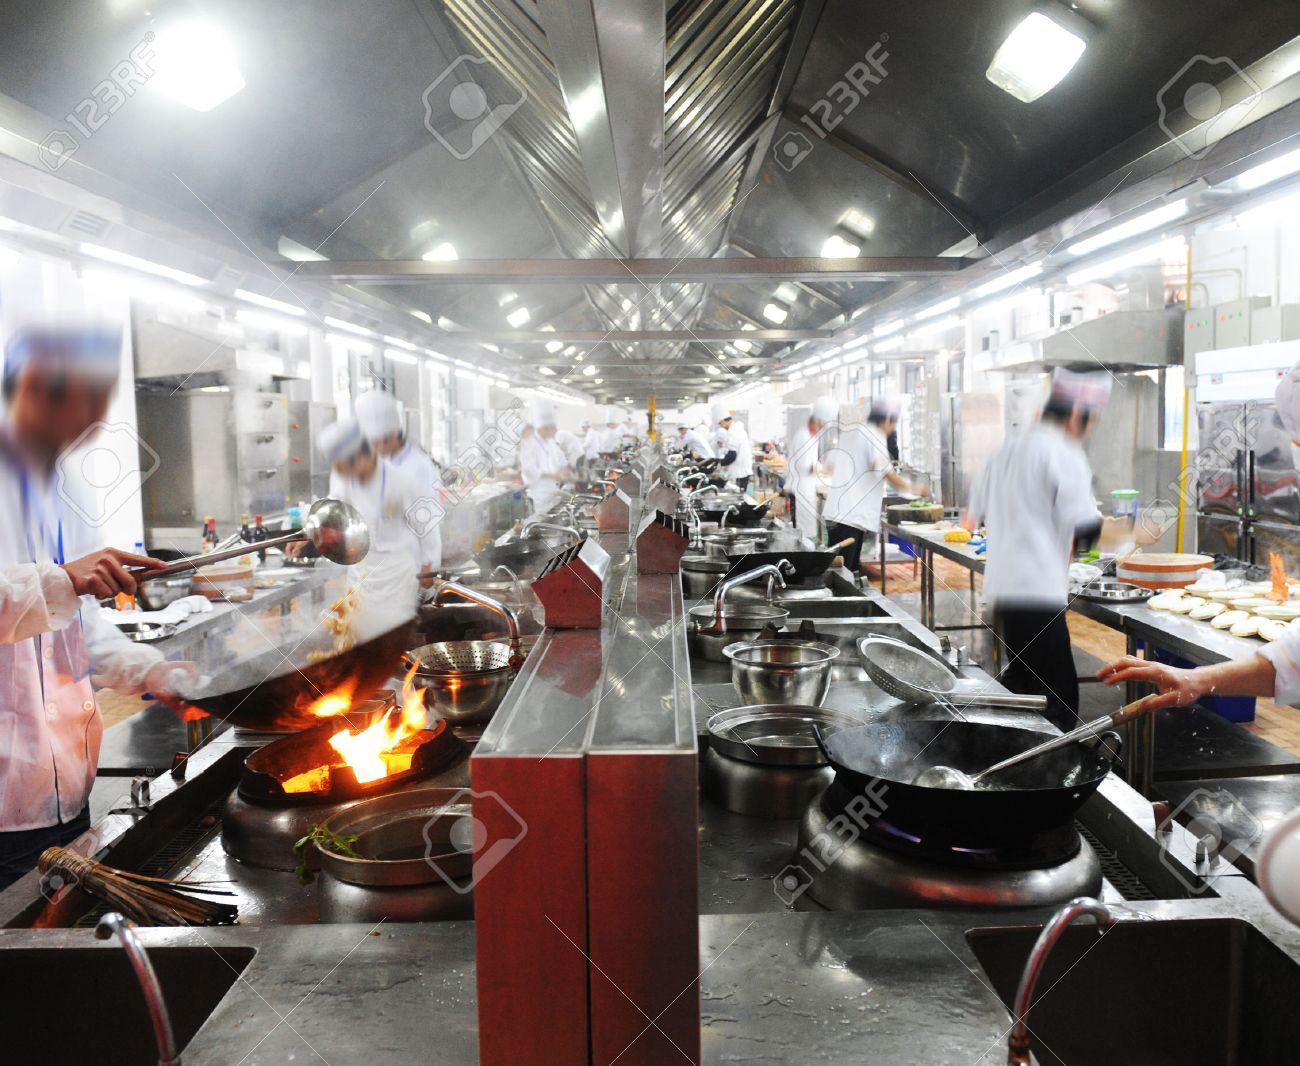 Restaurant Küche | Motion Koche In Einem Chinesischen Restaurant Kuche Lizenzfreie